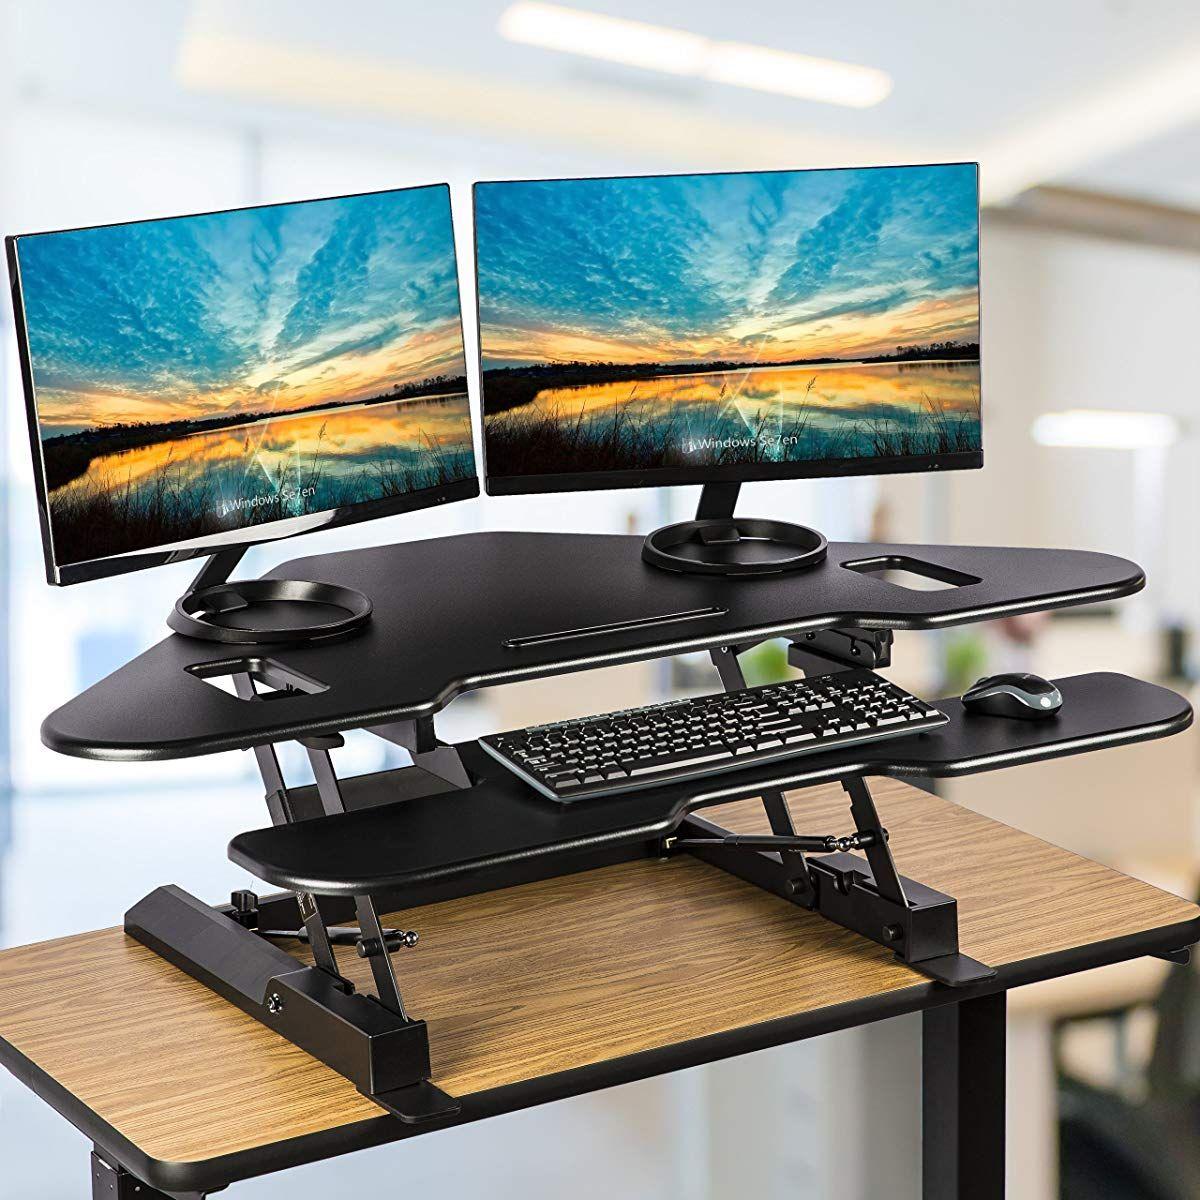 Height Adjustable Sit To Stand Computer Desk Standing Desk Riser Workstation Triangle Desktop Computer Stand For Desk Desk Riser Standing Desk Riser